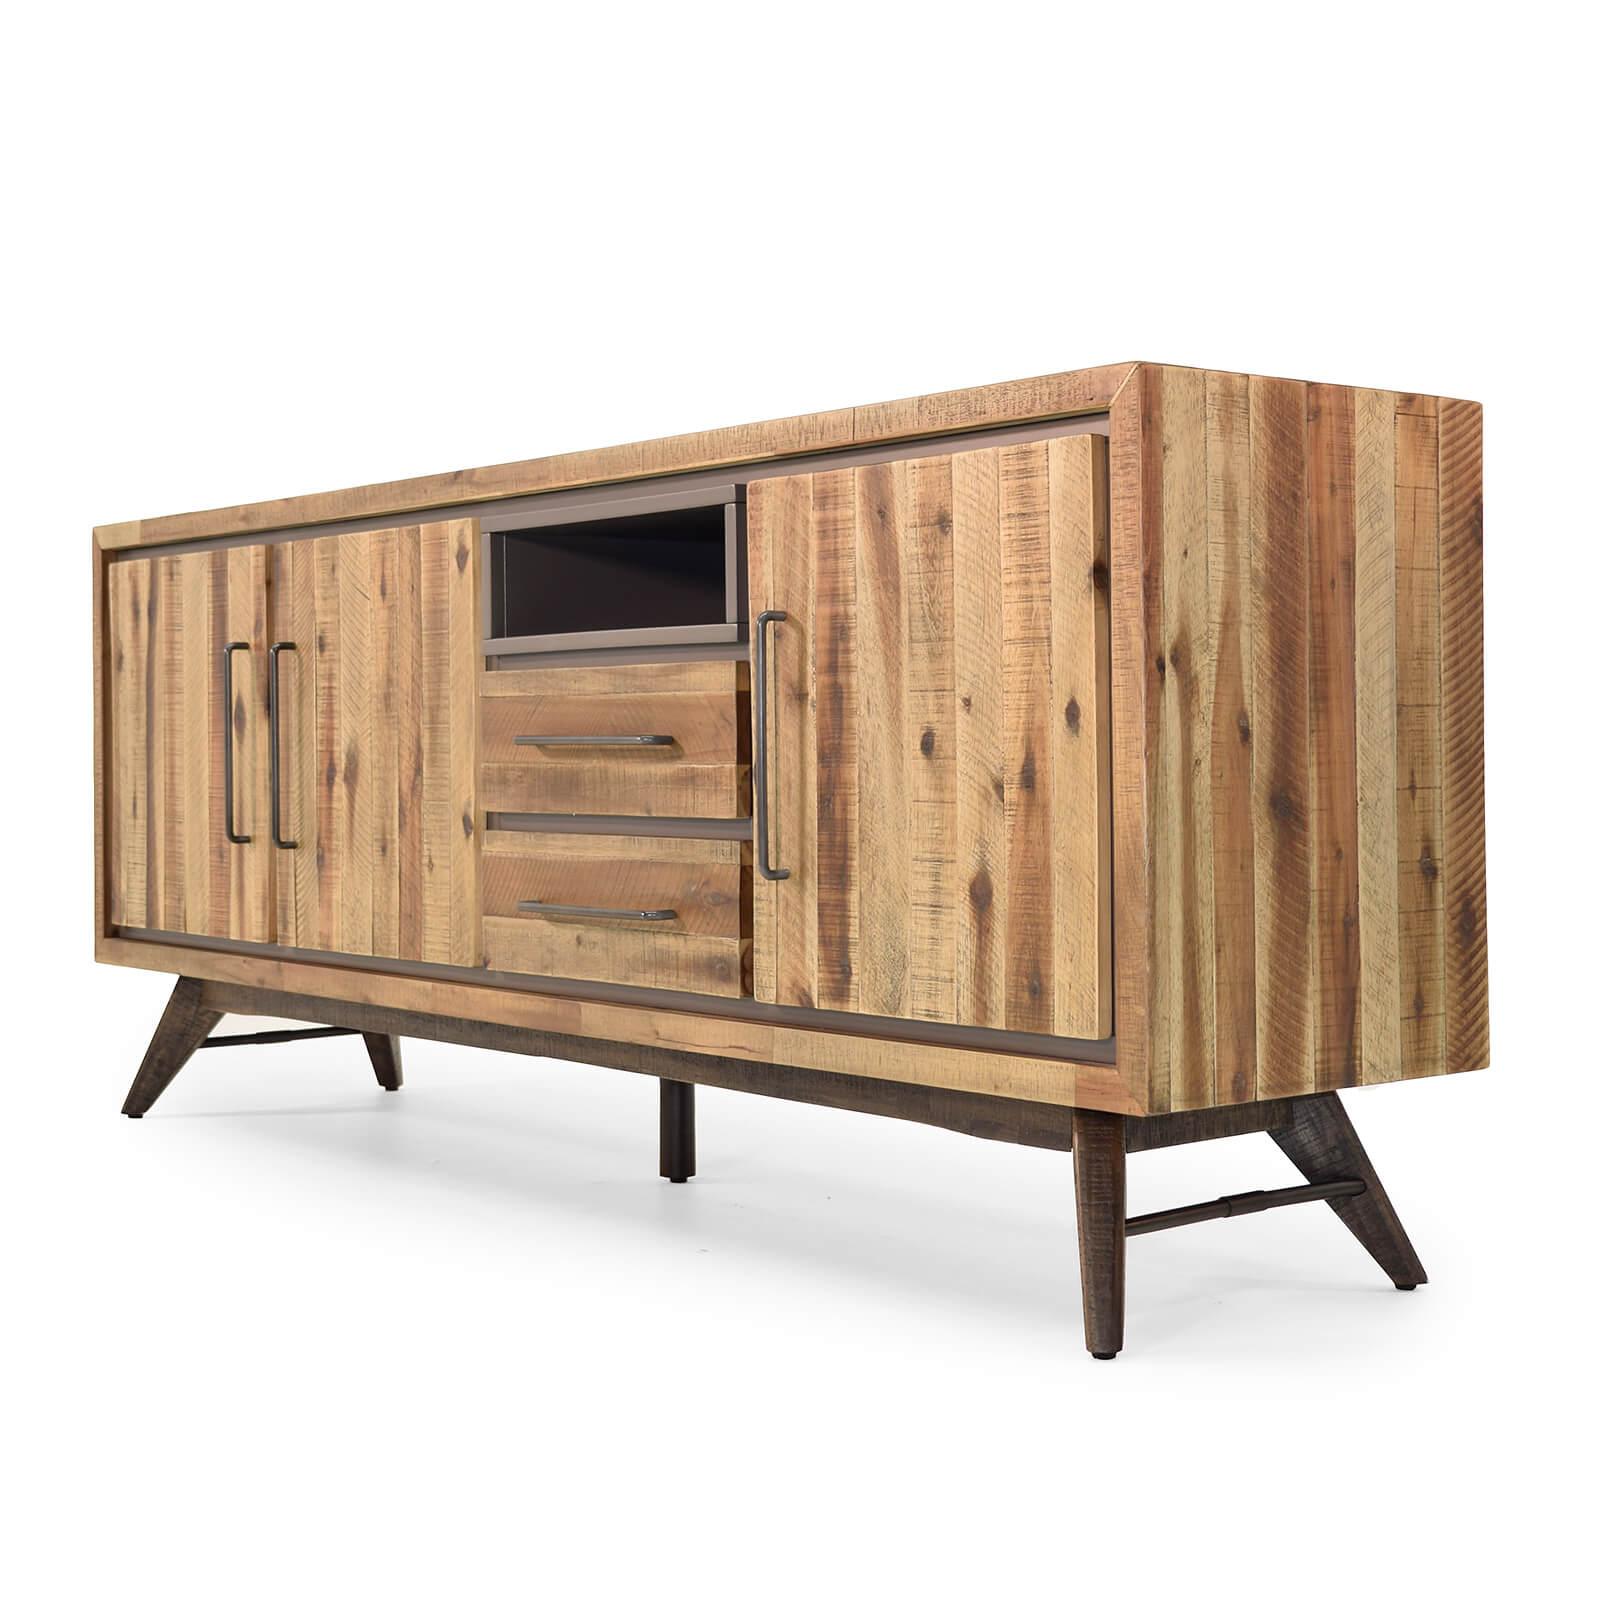 sideboard tati 200cm akazie massiv braun vintage. Black Bedroom Furniture Sets. Home Design Ideas